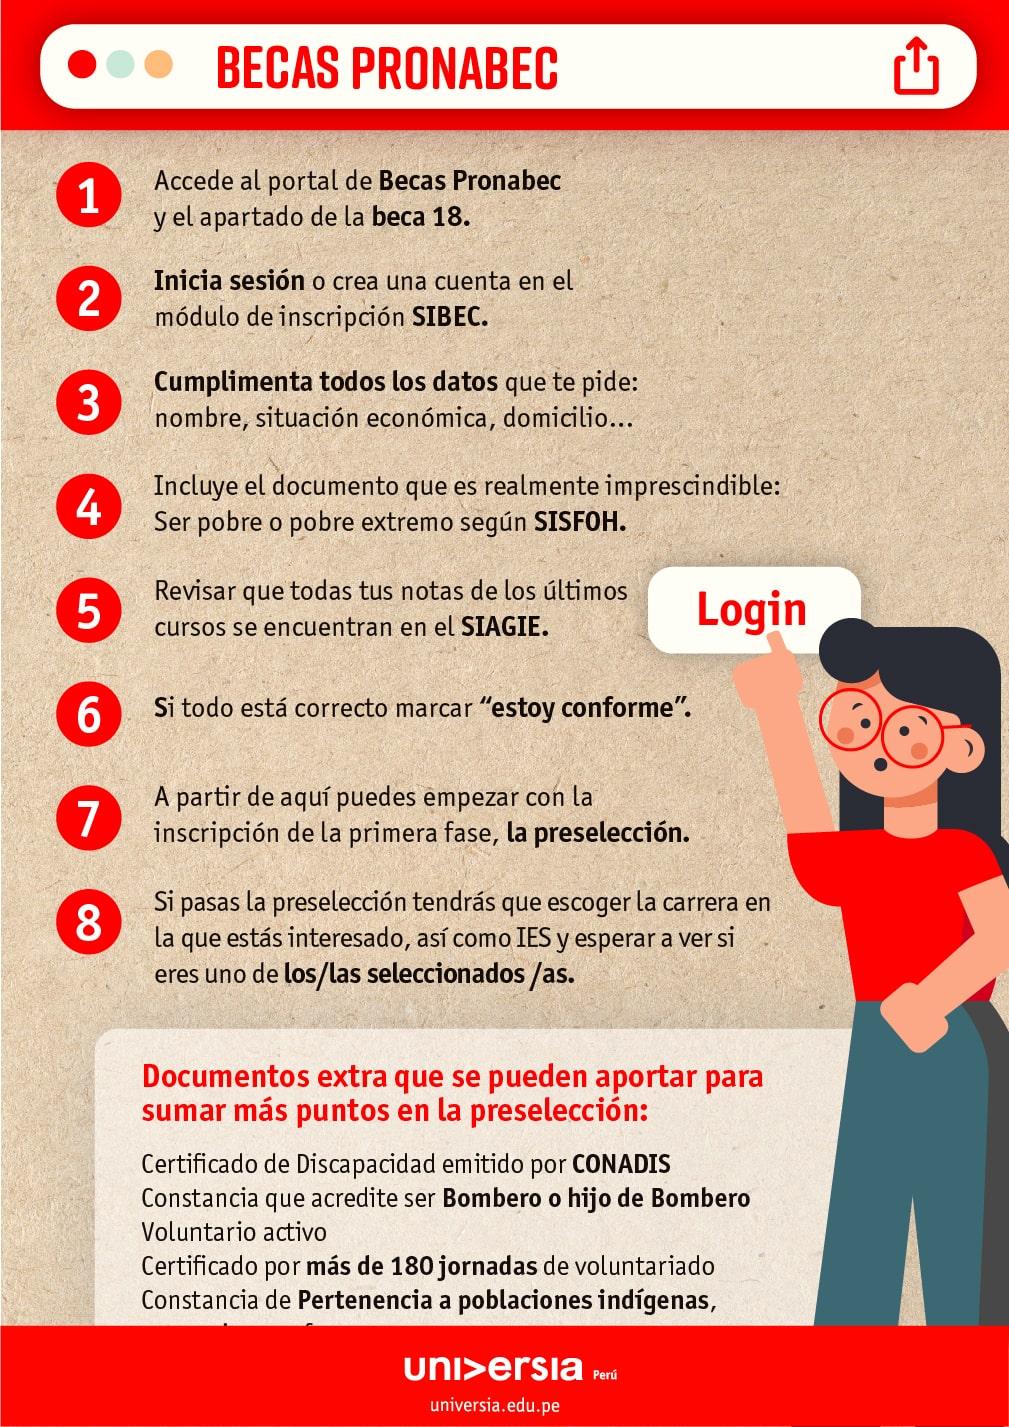 Becas Pronabec Perú: el checklist que te ayuda a conseguirlas